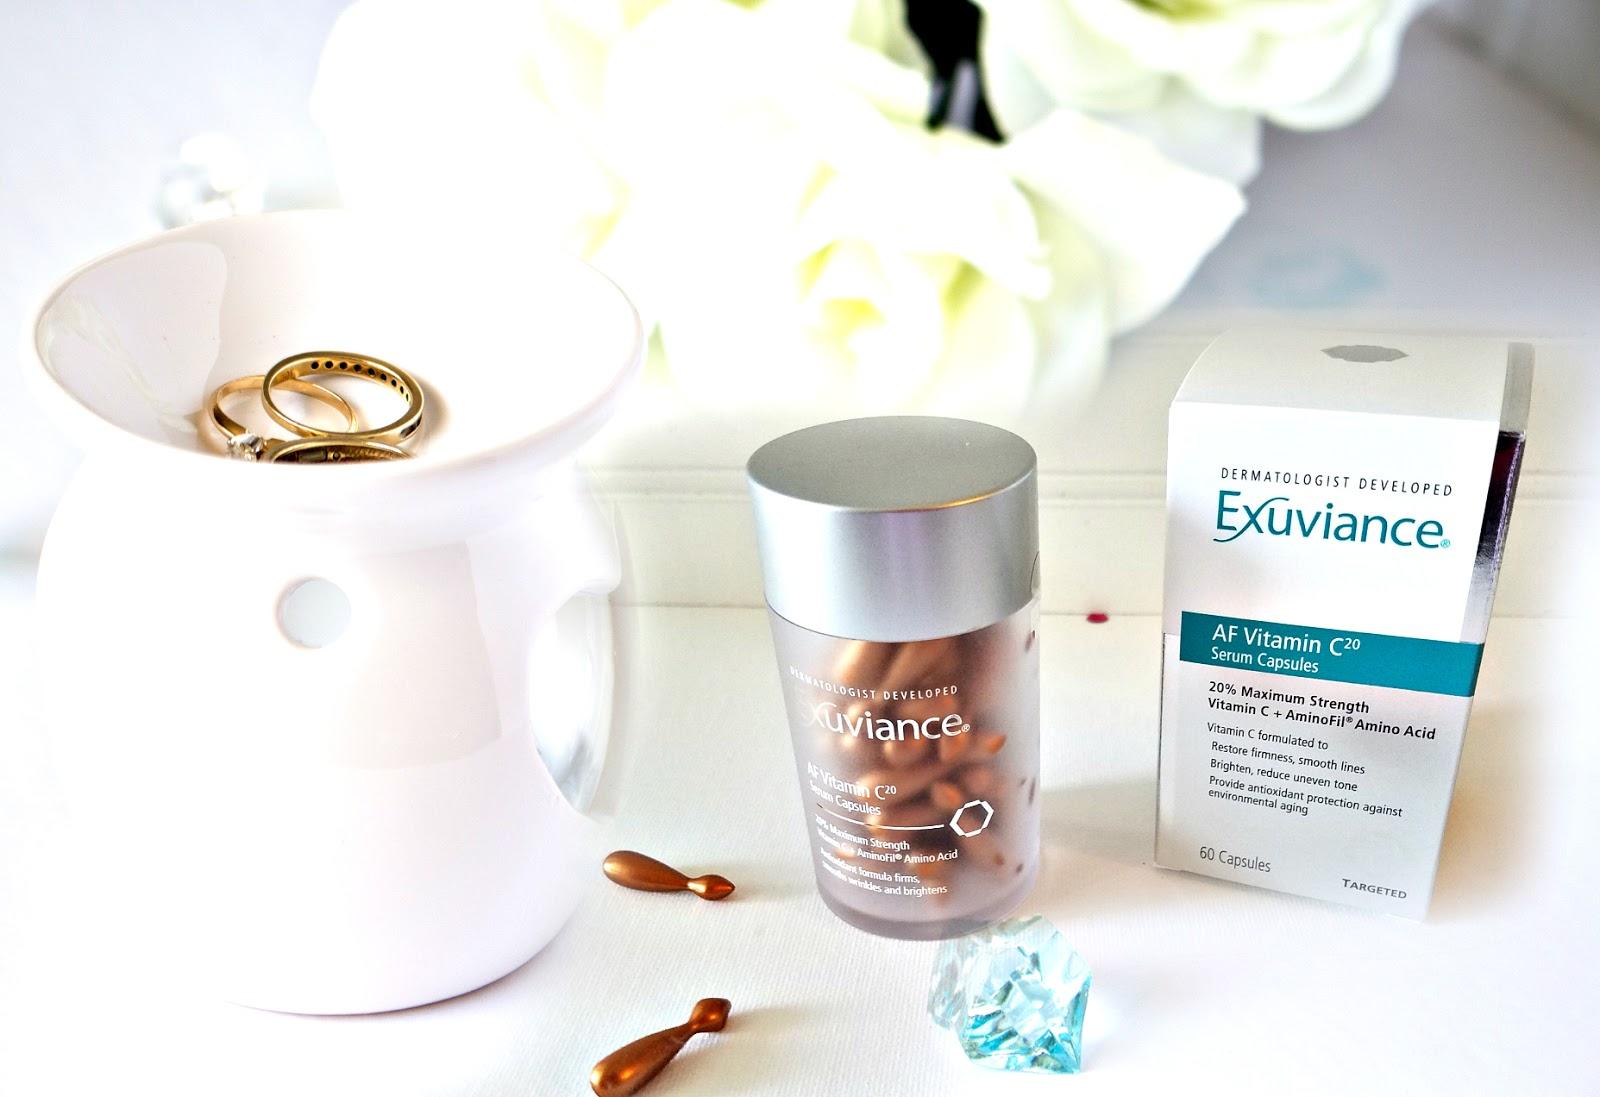 exuviance c vitamin